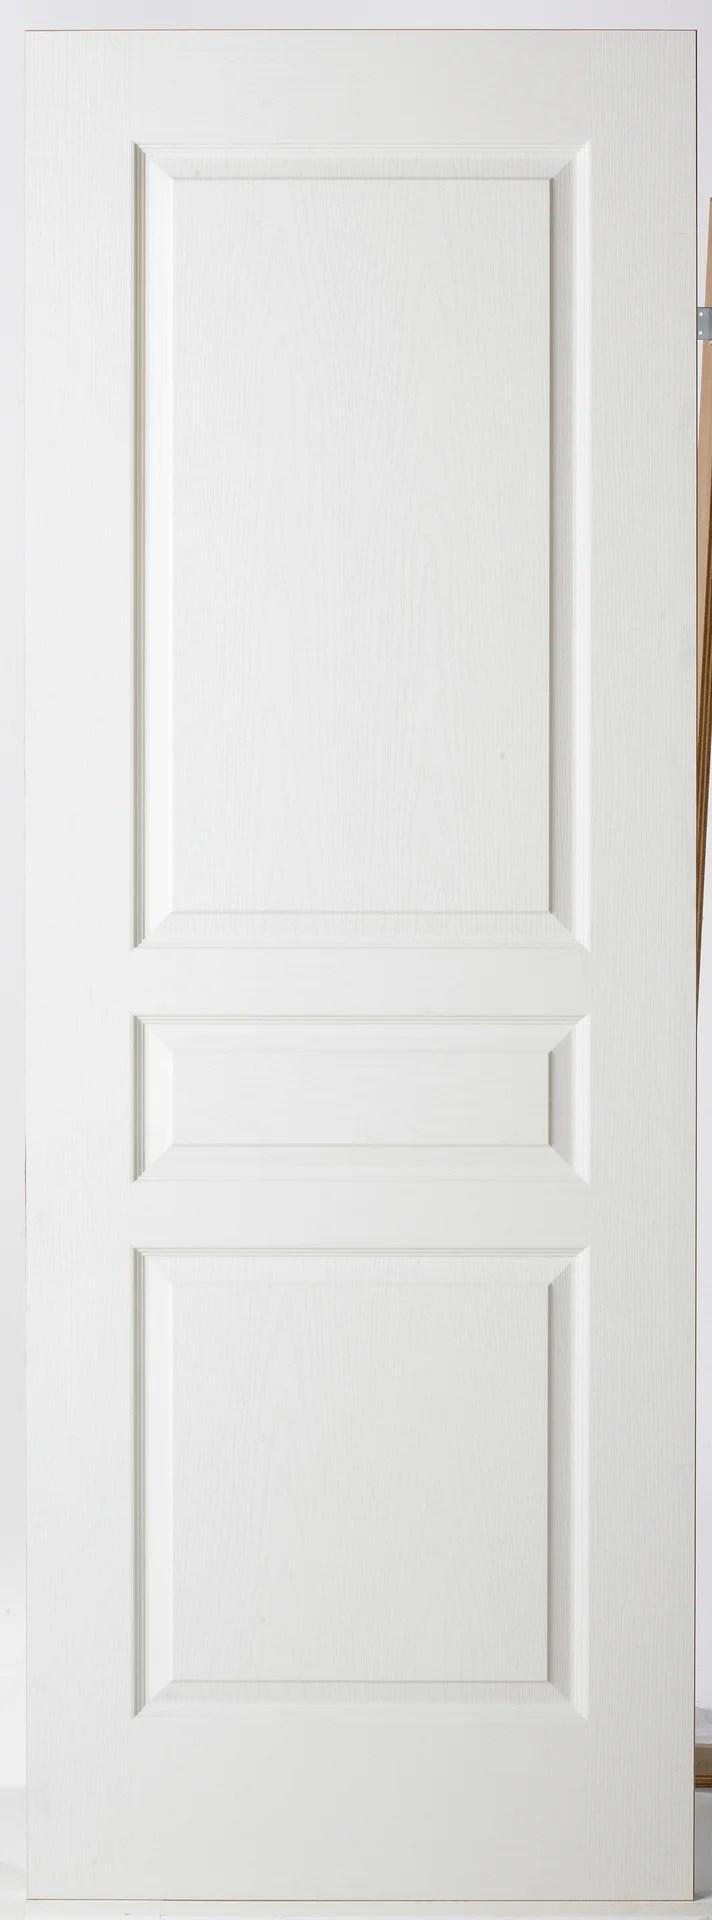 porte coulissante bois h 204 x l 73 cm